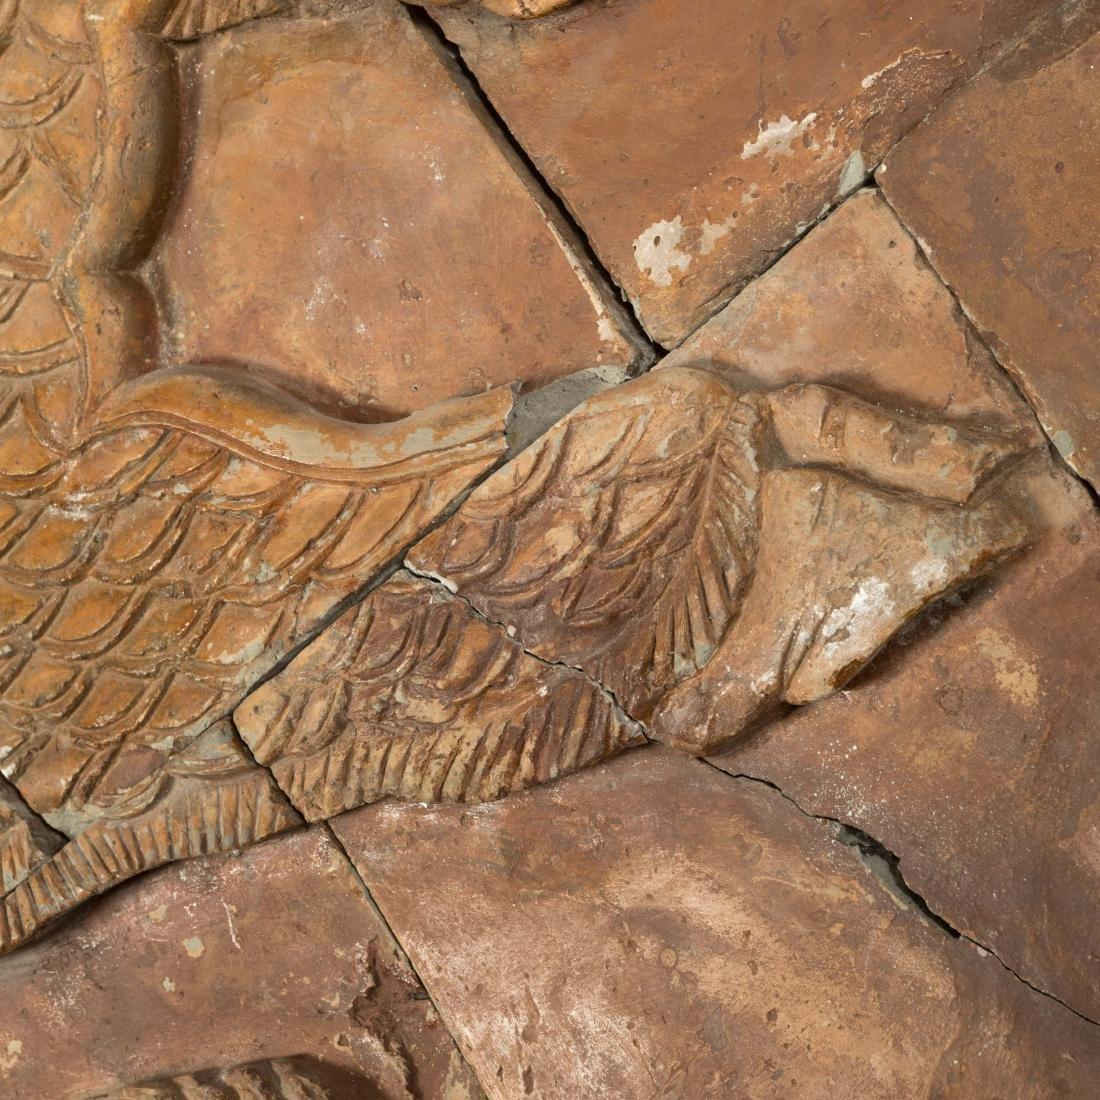 Large Oriental Terra Cotta Dragon Plaque - 5